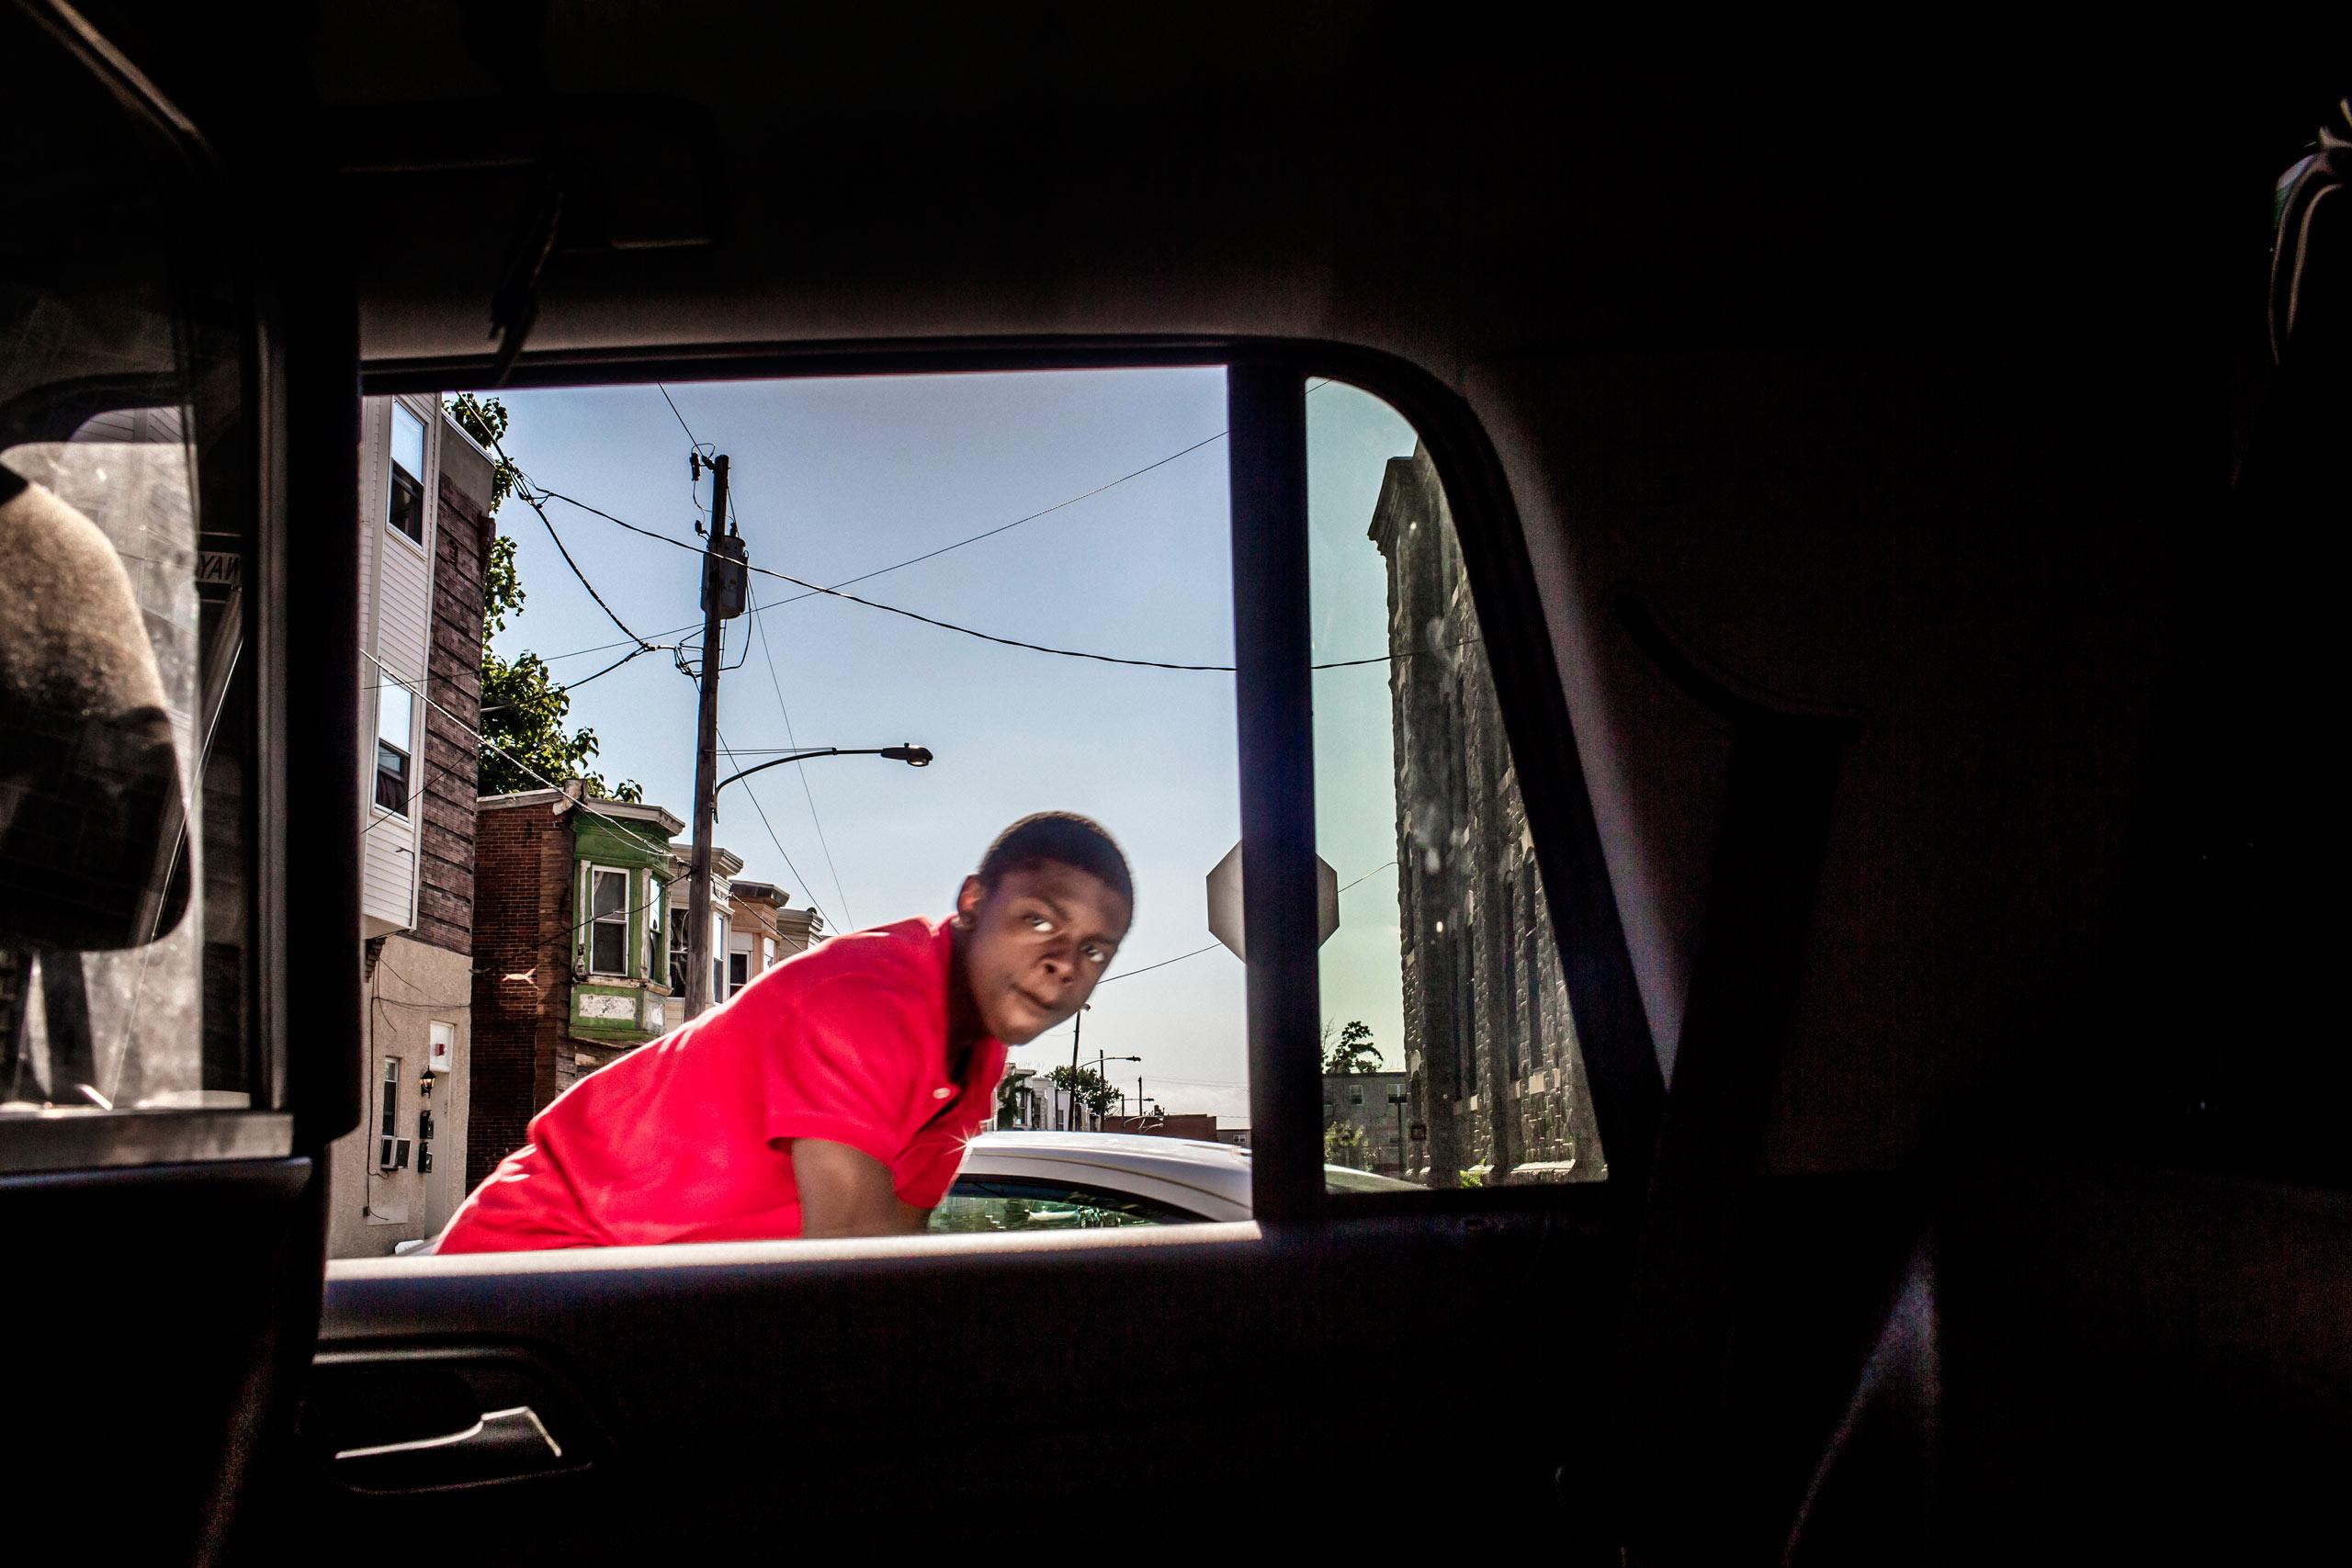 A boy rides by a patrol car on his bike. July 31, 2015. Philadelphia, Pa.